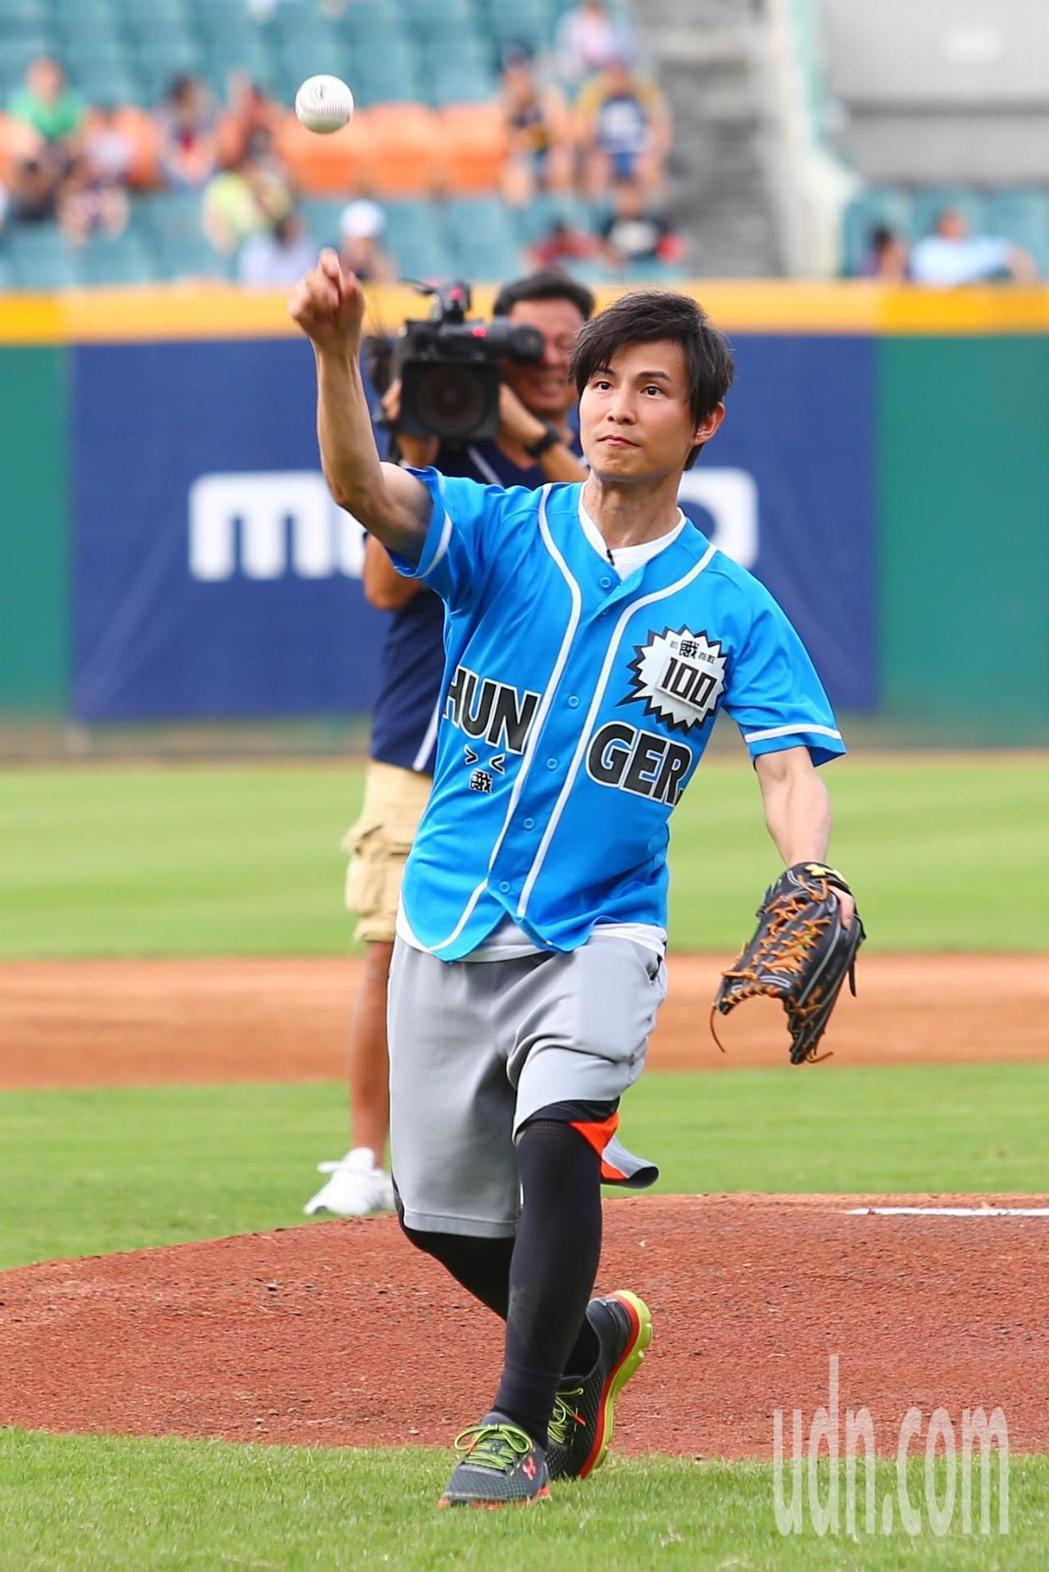 節目飢餓遊戲到球場取景拍攝,主持人孫協志擔任開球嘉賓。記者王騰毅/攝影